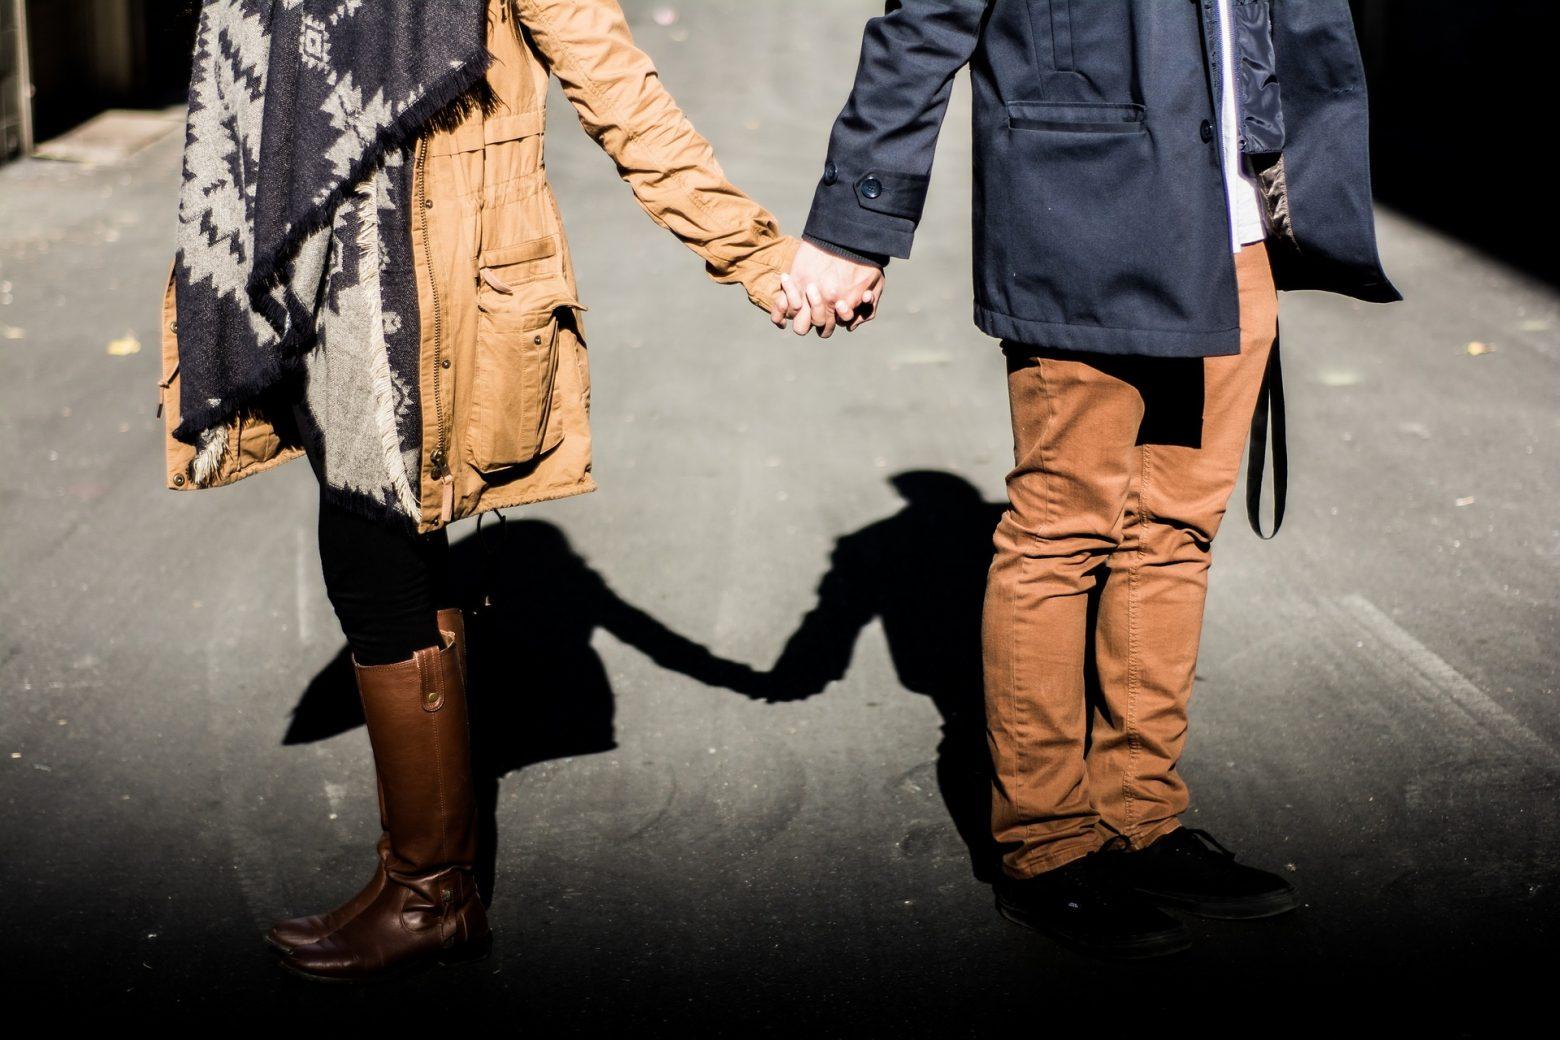 ¿Cómo fortalecer un matrimonio y evitar el divorcio?